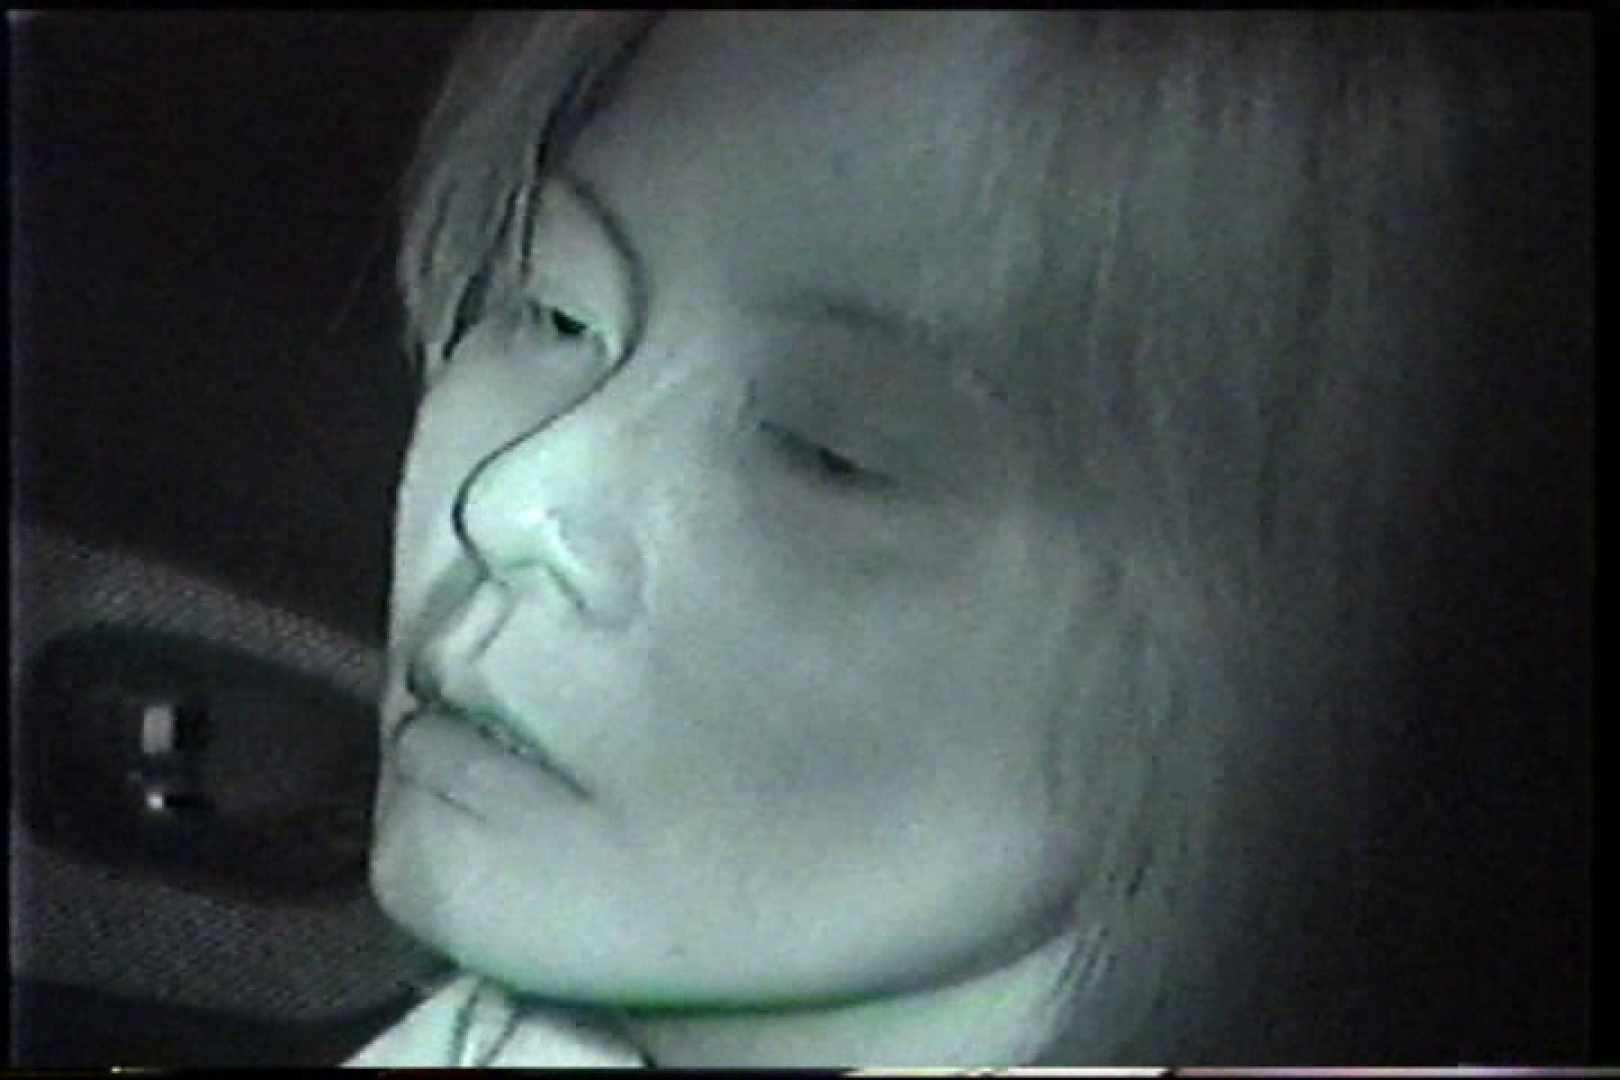 充血監督の深夜の運動会Vol.214 後編. 手マン すけべAV動画紹介 88pic 75